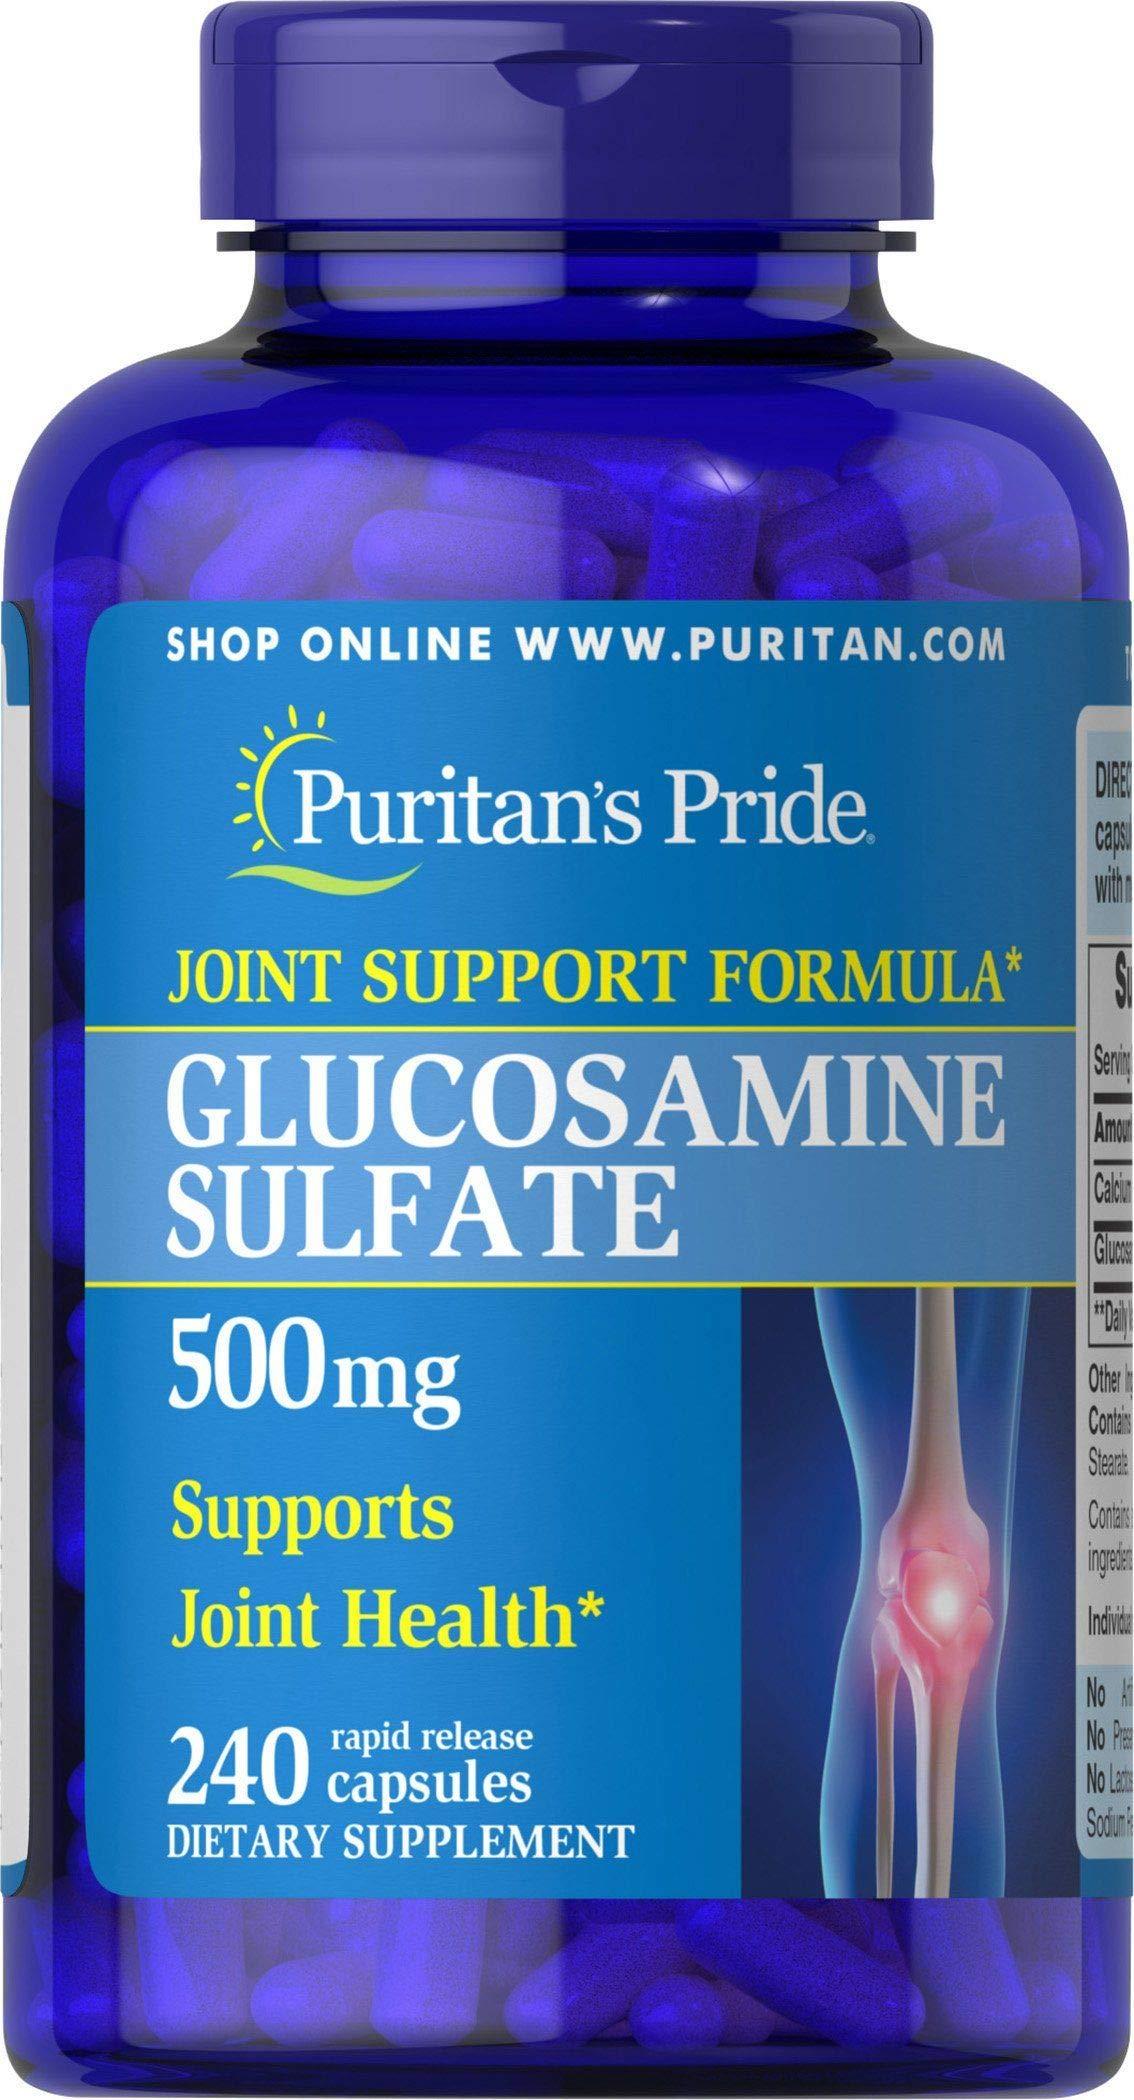 Puritans Pride Glucosamine Sulfate 500 Mg, 240 Count